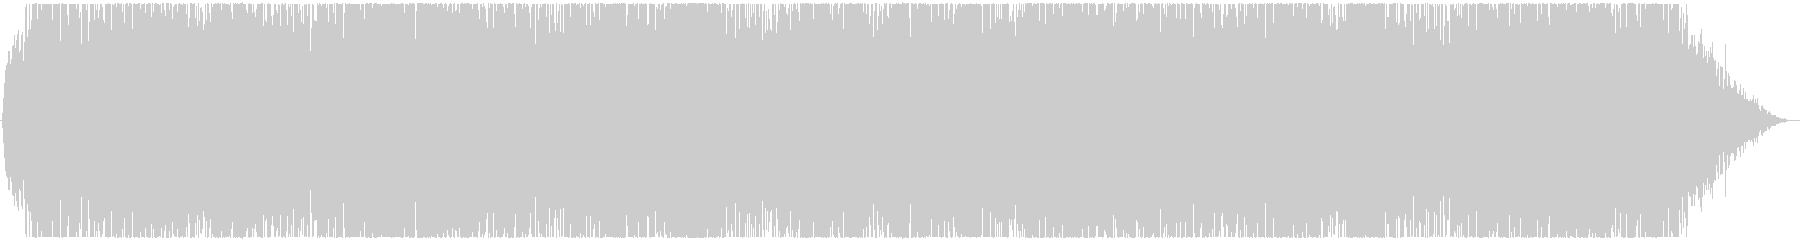 イメージ 地獄の声08の未再生の波形